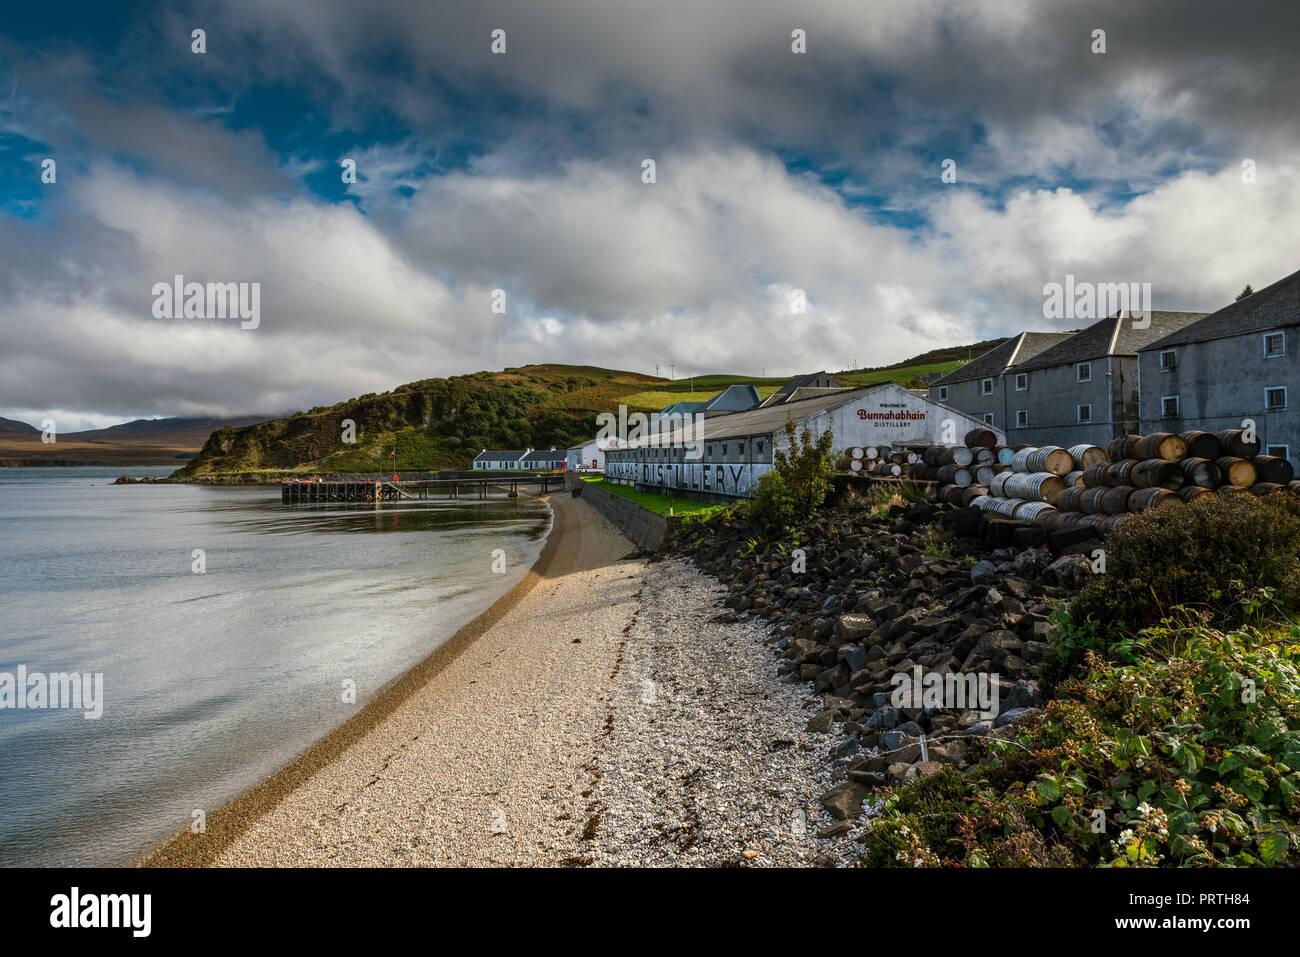 The Bunnahabhain Distillery near Port Askaig on The Hebridean Isle of Islay - Stock Image